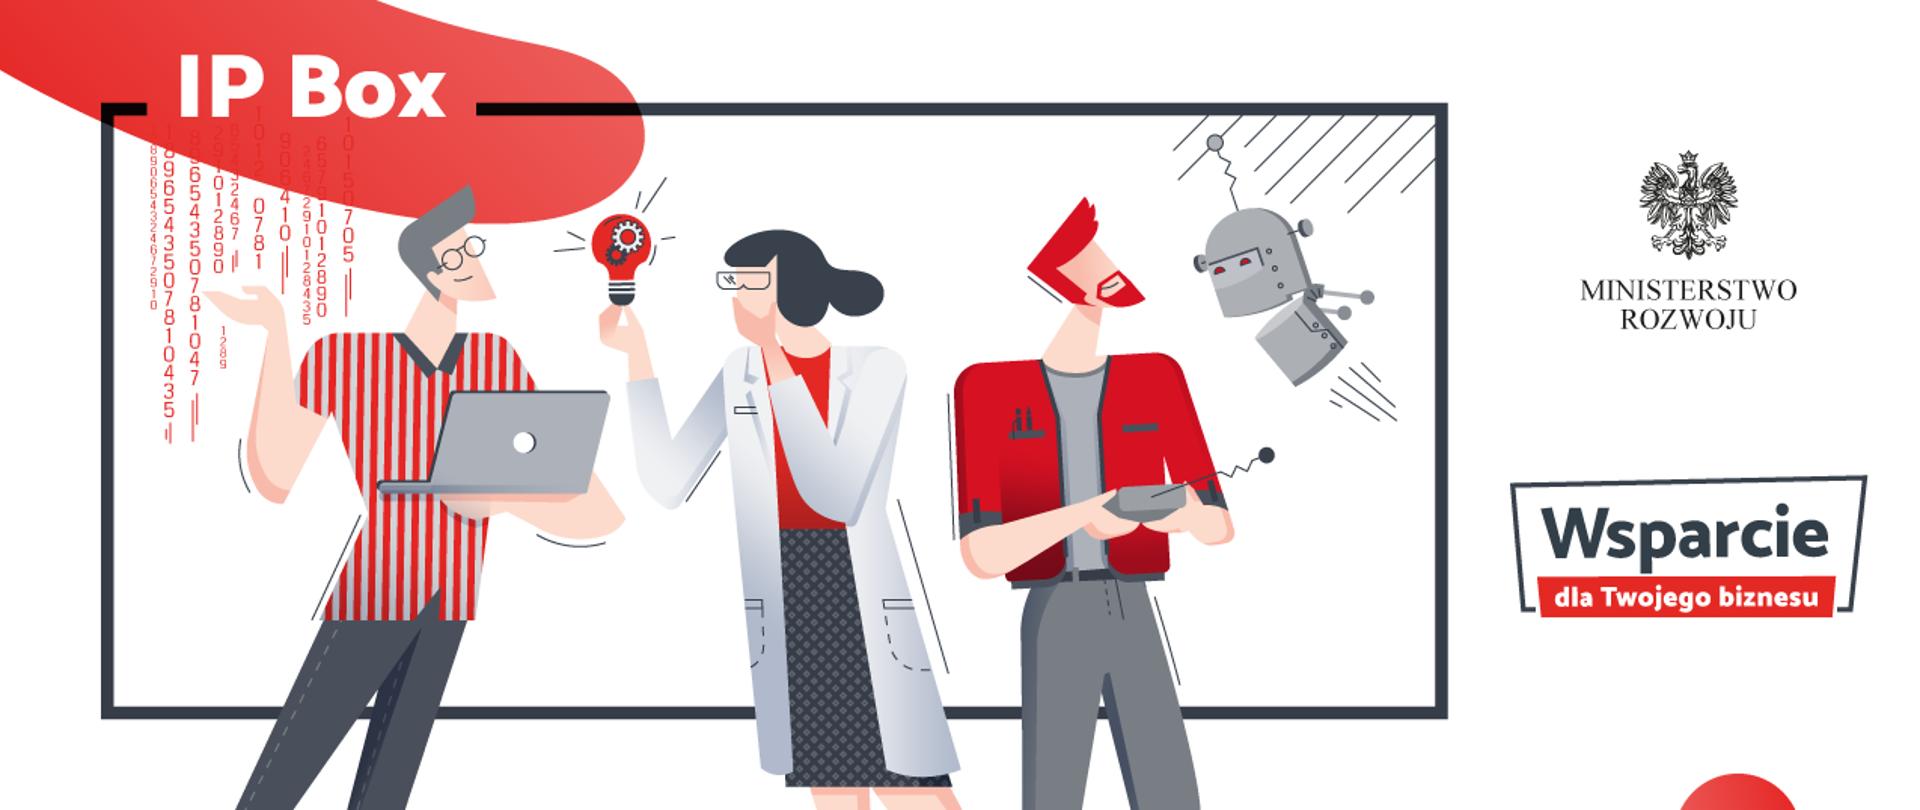 Grafika przedstawia trzy stojące postacie: mężczyznę z laptopem, kobietę w fartuchu laboratoryjnym i okularach, trzymającą żarówkę, i mężczyznę ze zdalnie sterowanym robotem. Na górze napis IP Box.